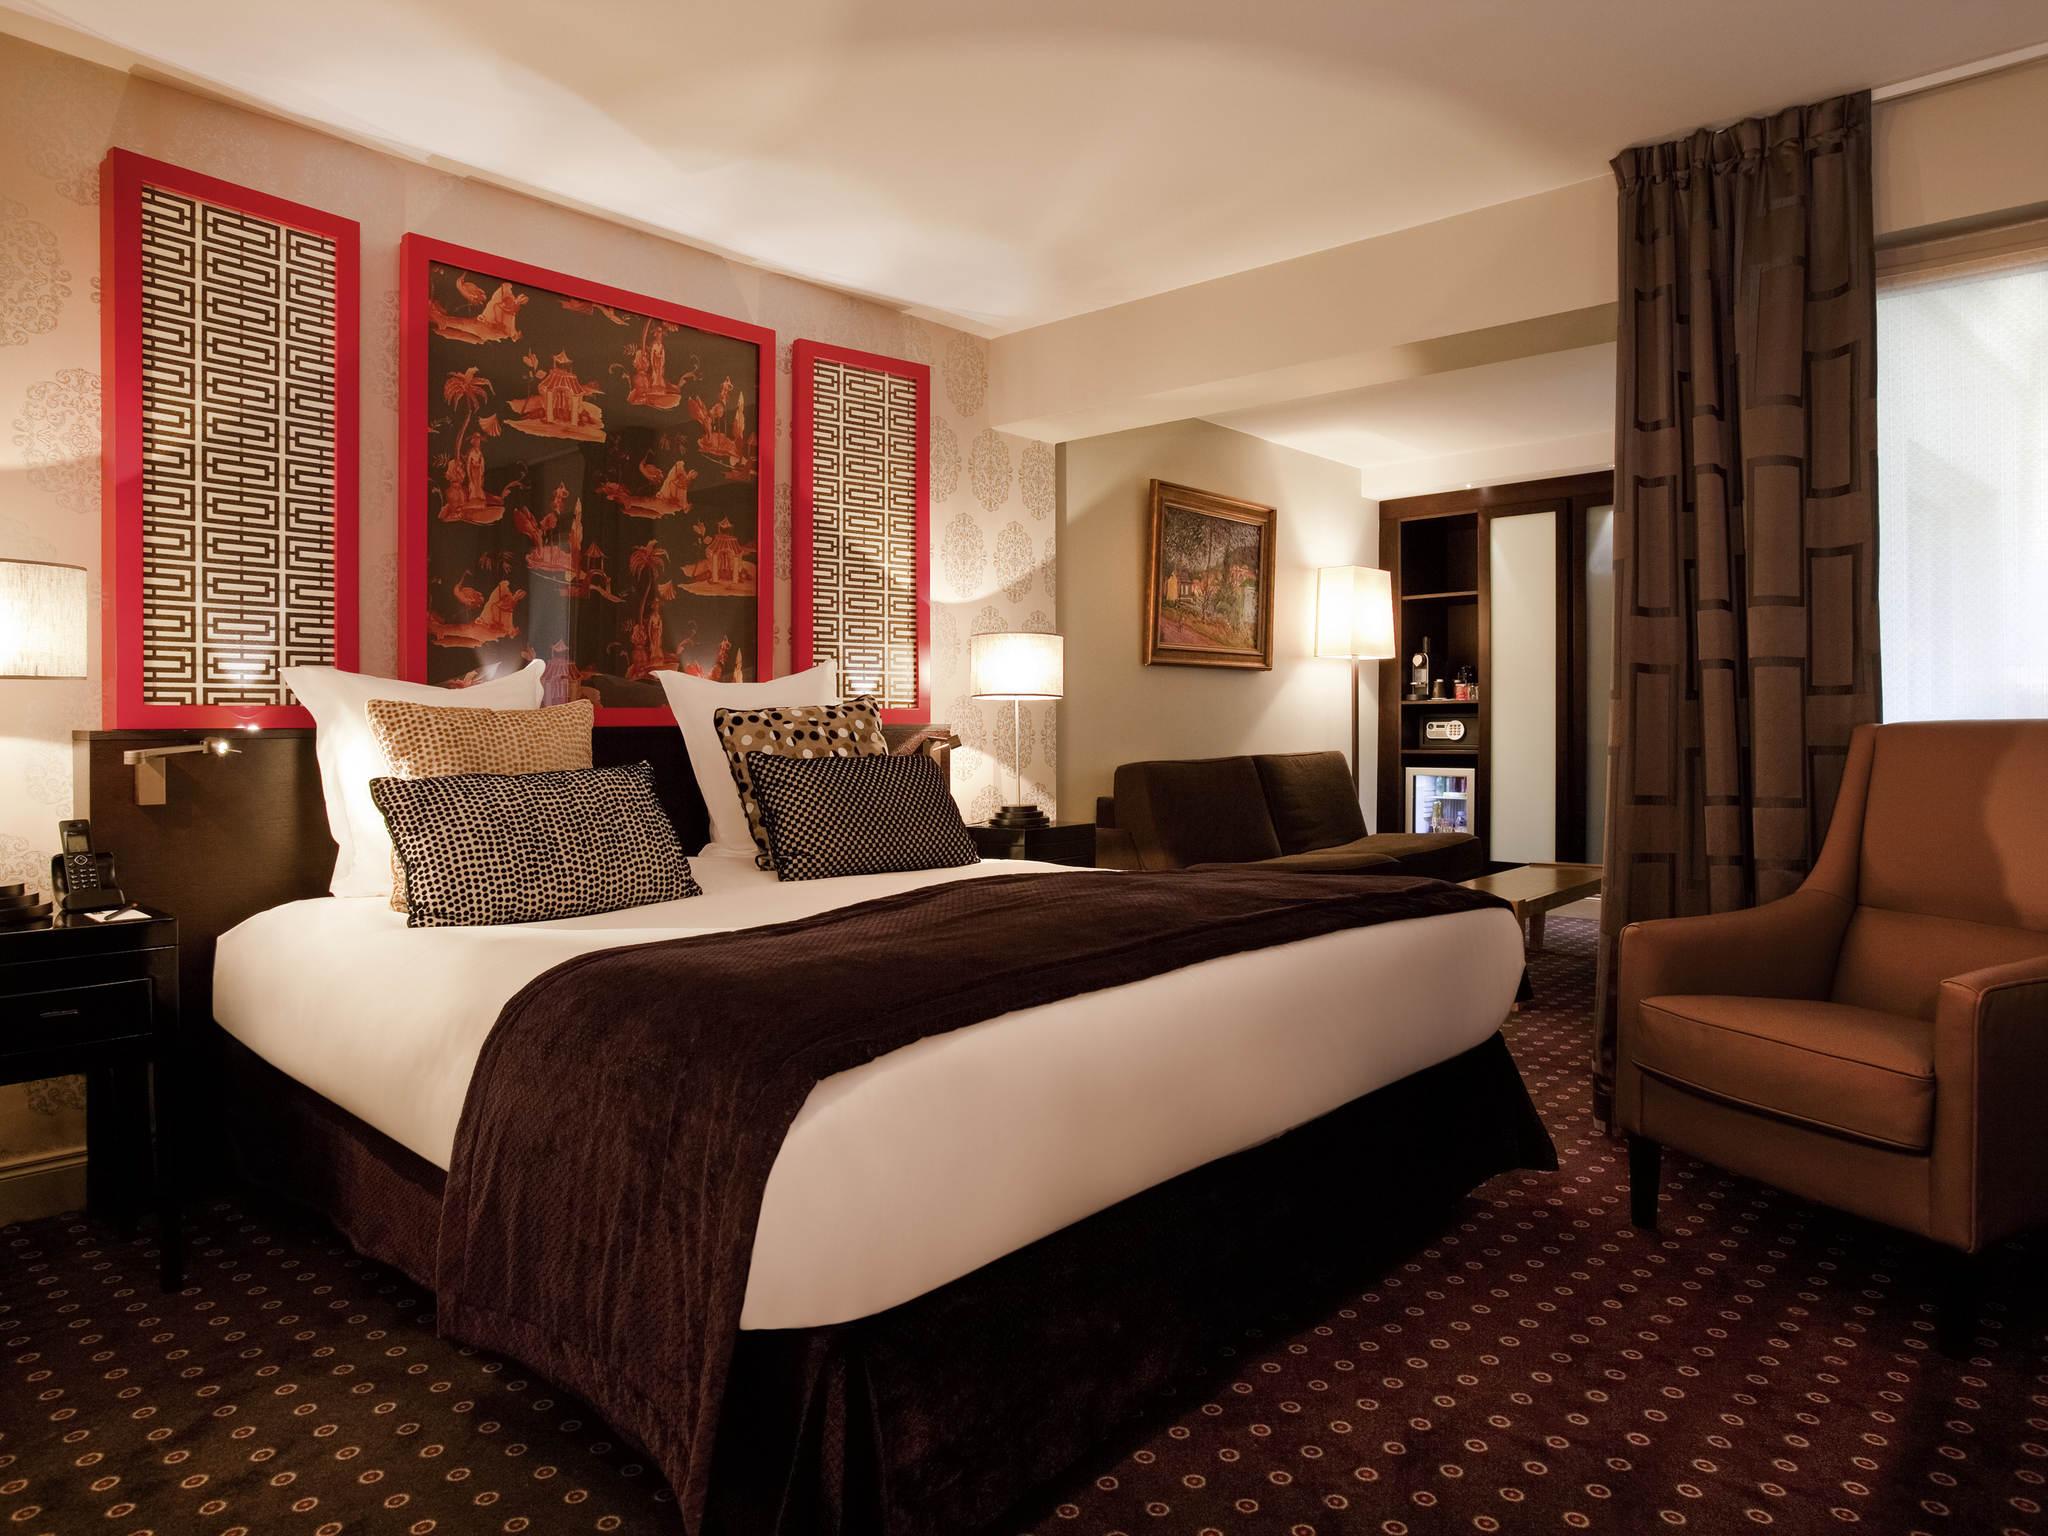 فندق - فندق ستاندال بلاس فوندوم باريس، إم غاليري من سوفيتل